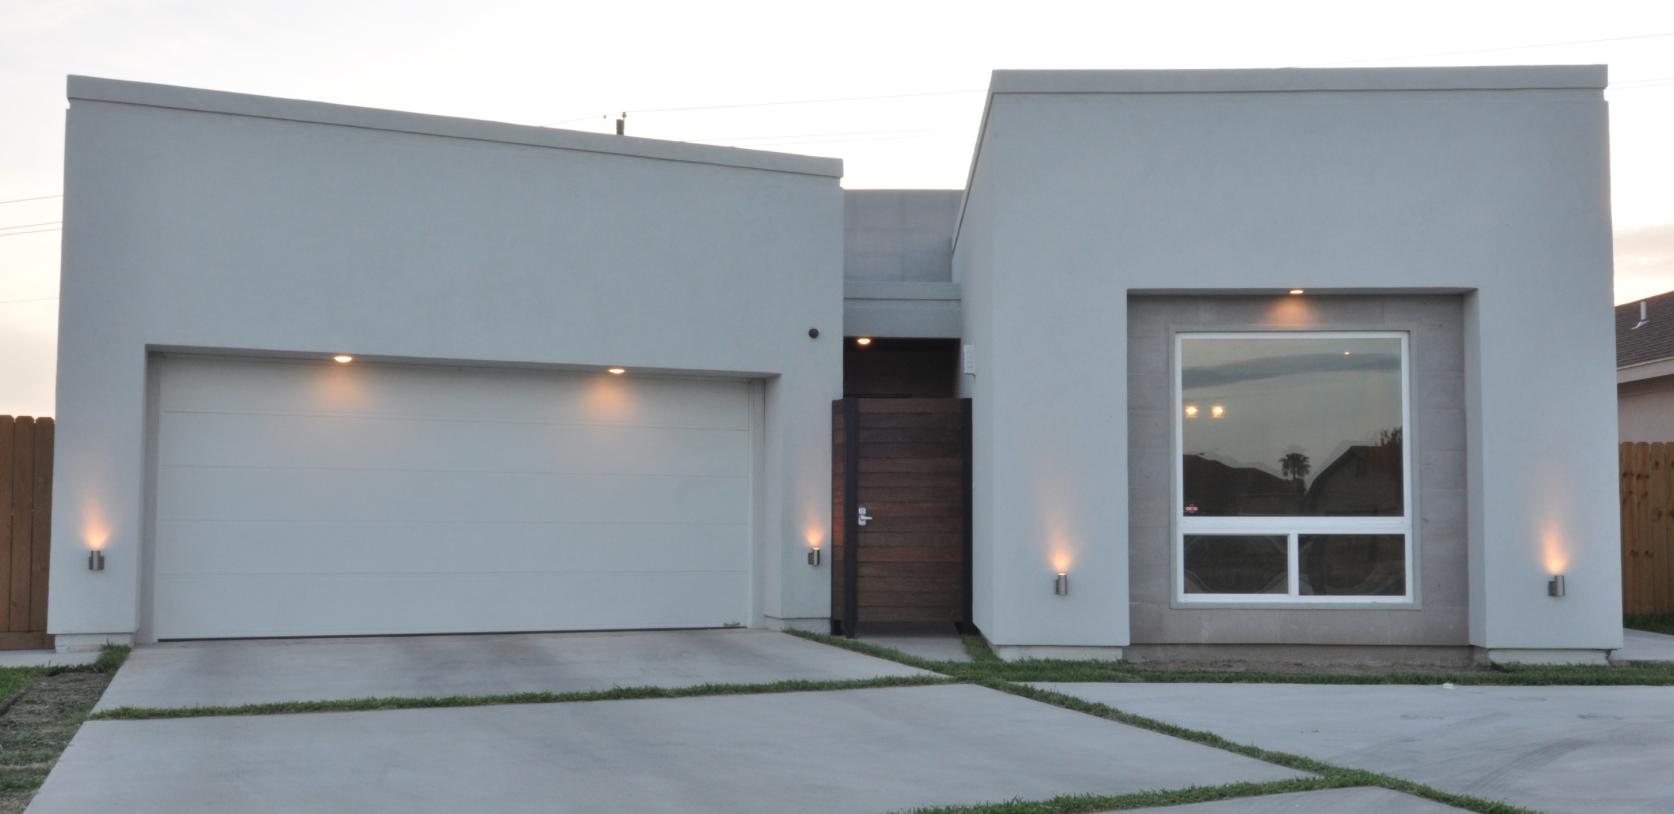 PROGUE HOUSE | BROWNSVILLE, TX